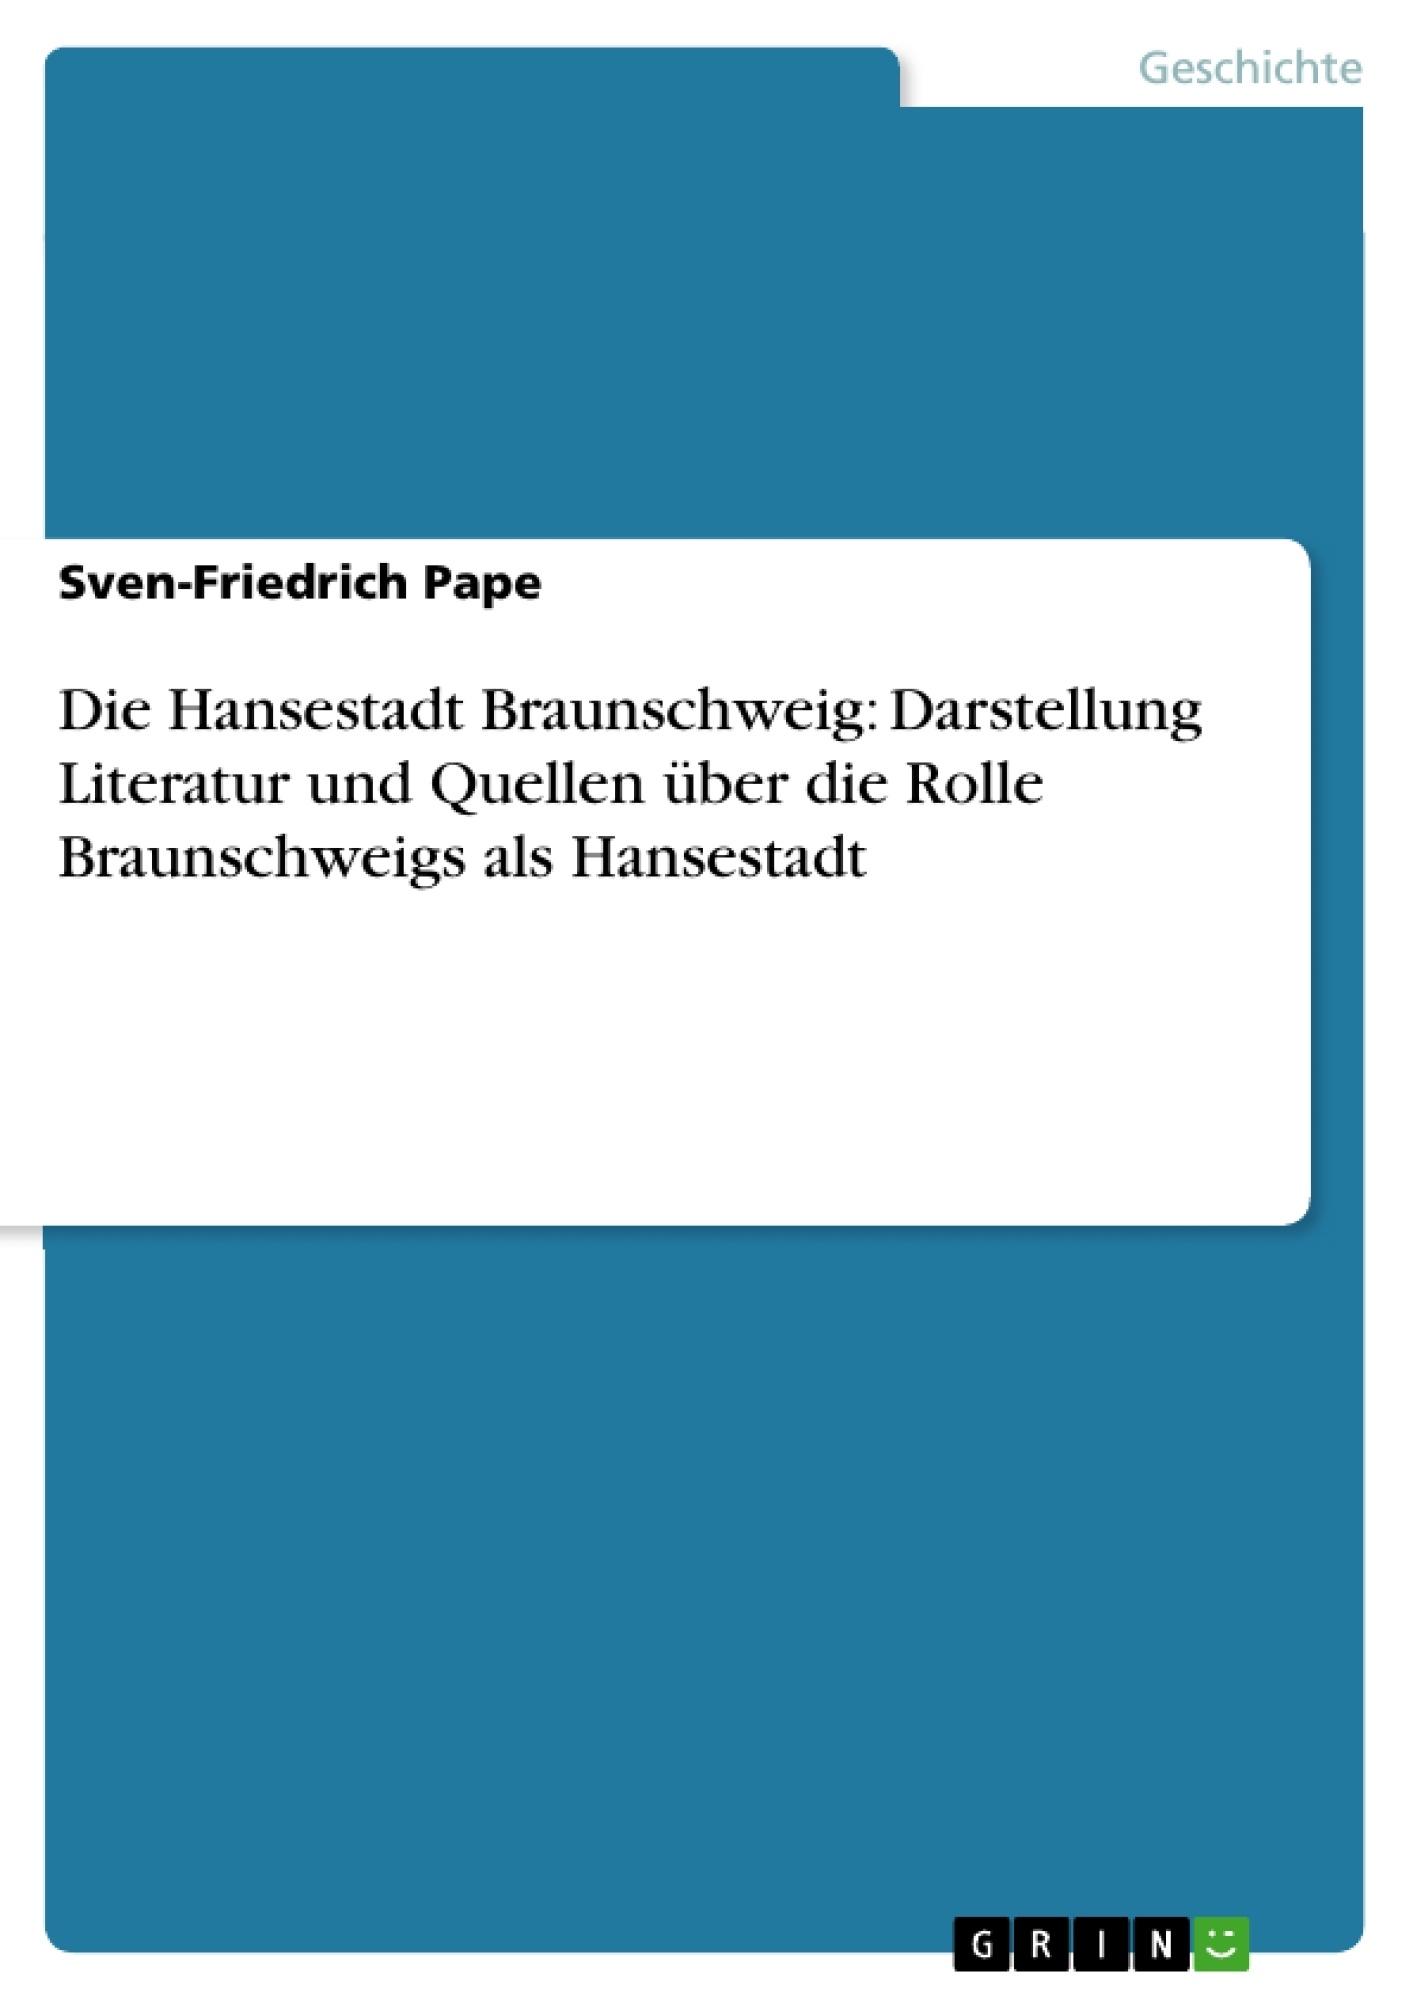 Titel: Die Hansestadt Braunschweig: Darstellung Literatur und Quellen über die Rolle Braunschweigs als Hansestadt